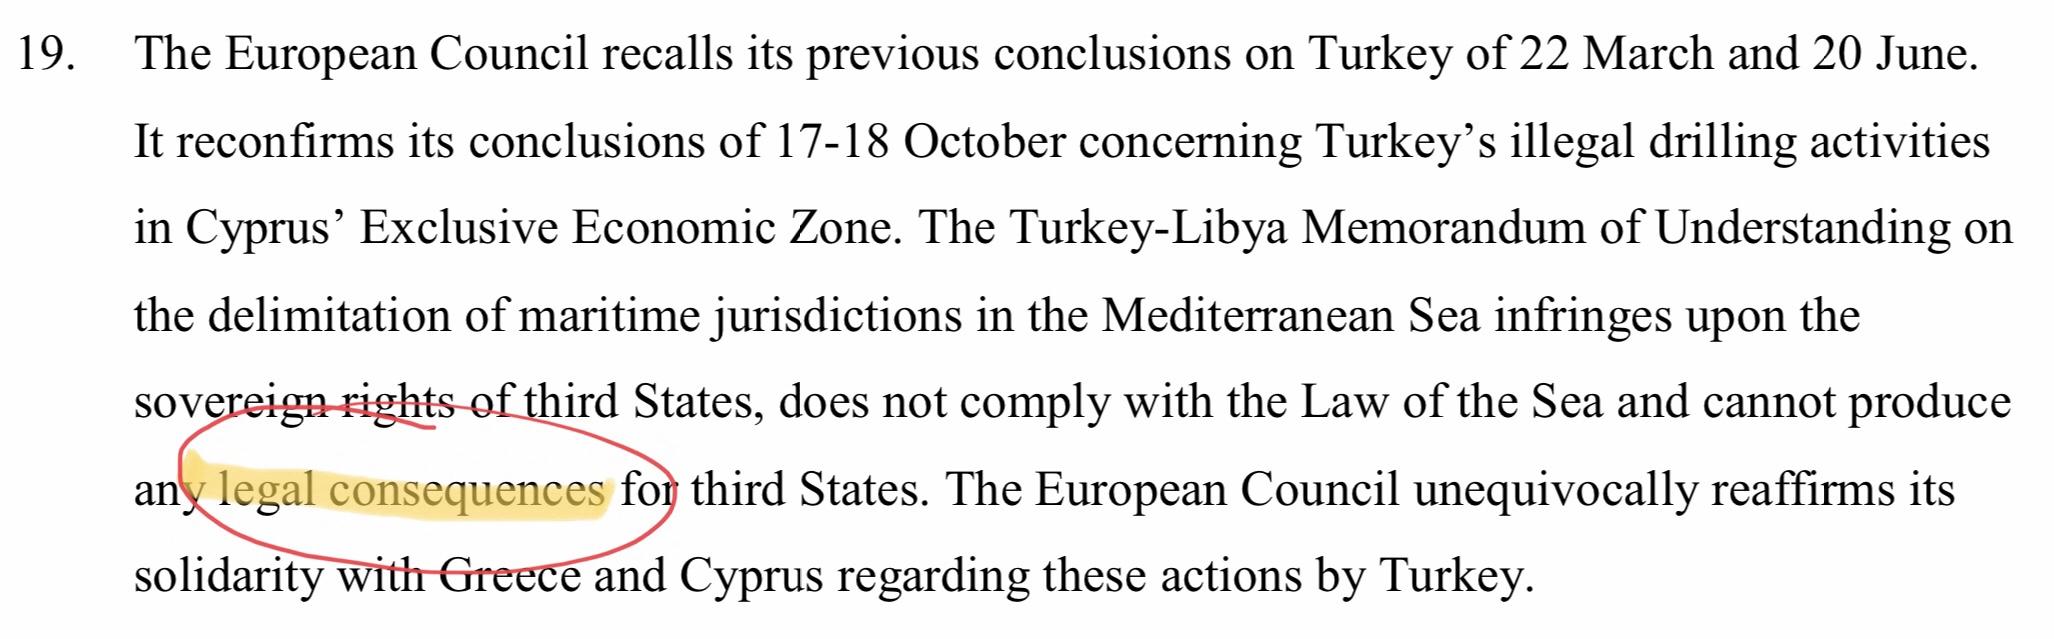 Και όμως, ο Μητσοτάκης κατέγραψε σοβαρή επιτυχία στην σύνοδο κορυφής για τα ελληνοτουρκικά.